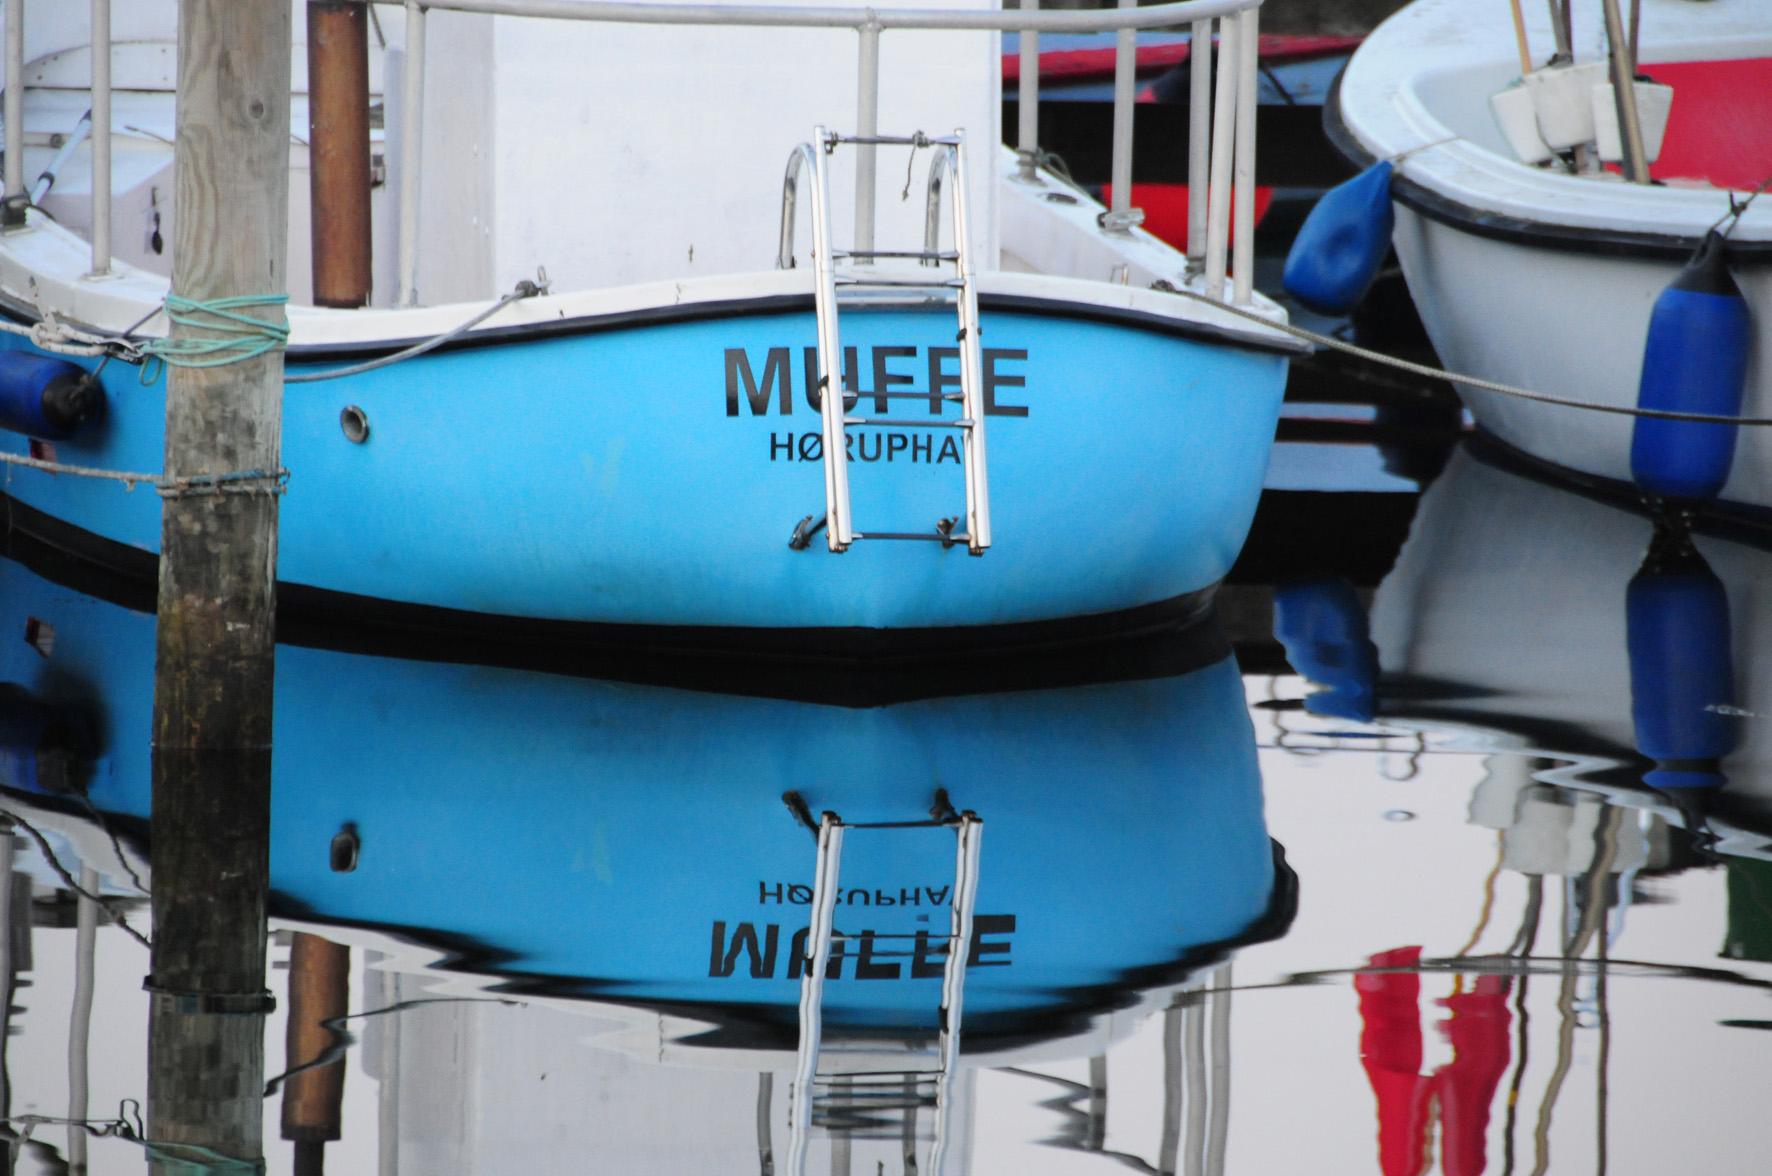 Muffe